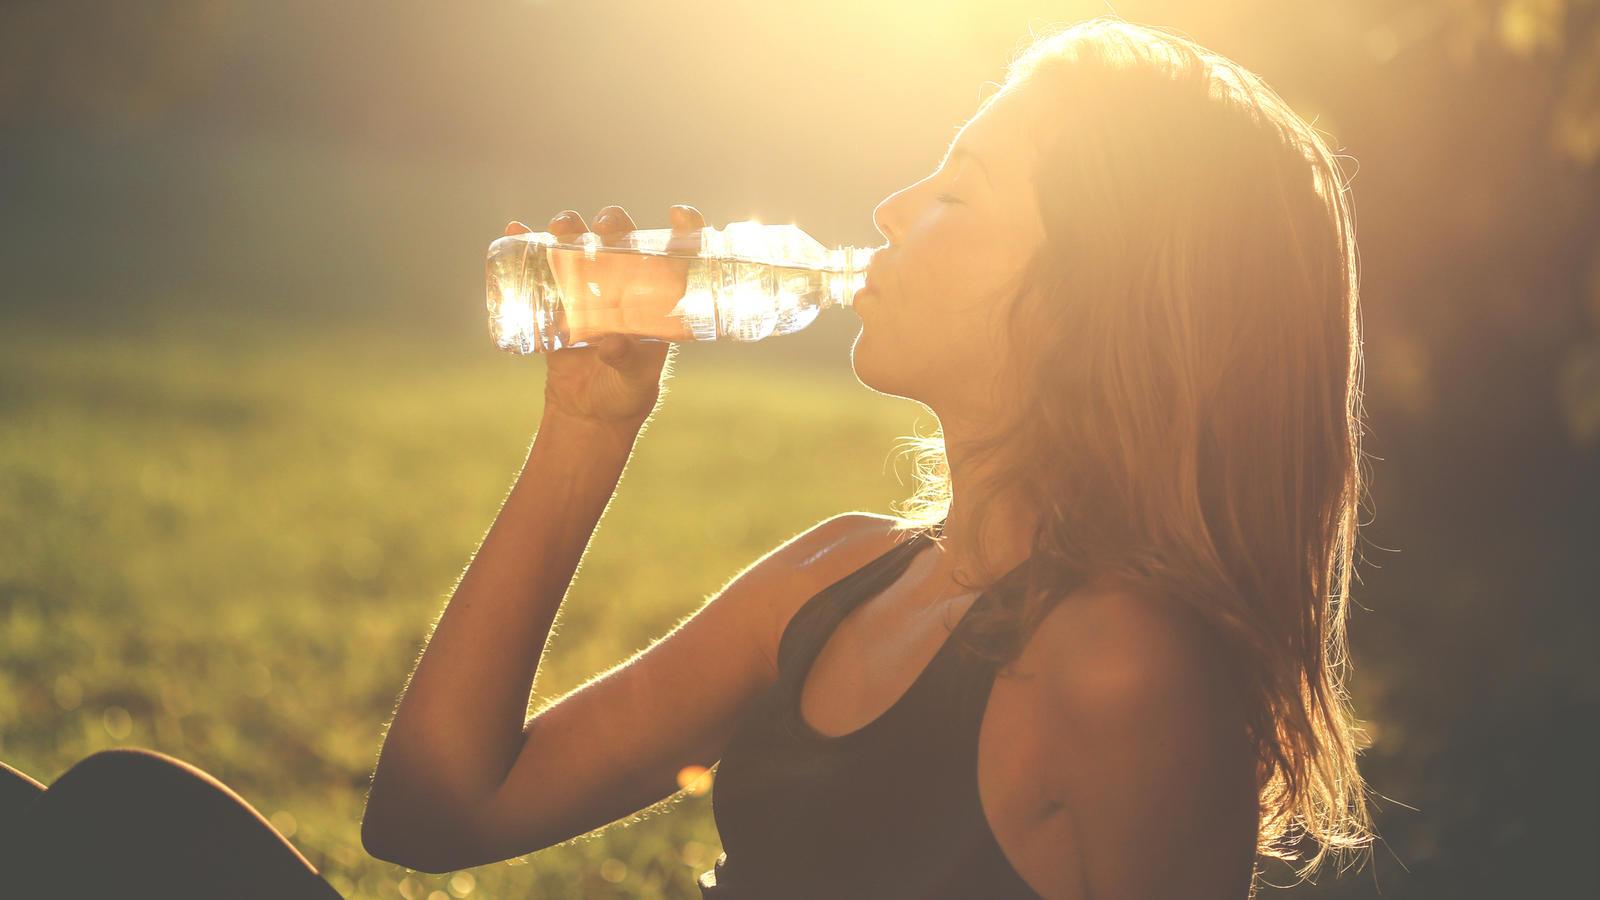 Die WHO hat jetzt untersucht, die gesundheitsgefährdend Mikroplastik im Trinkwasser ist.